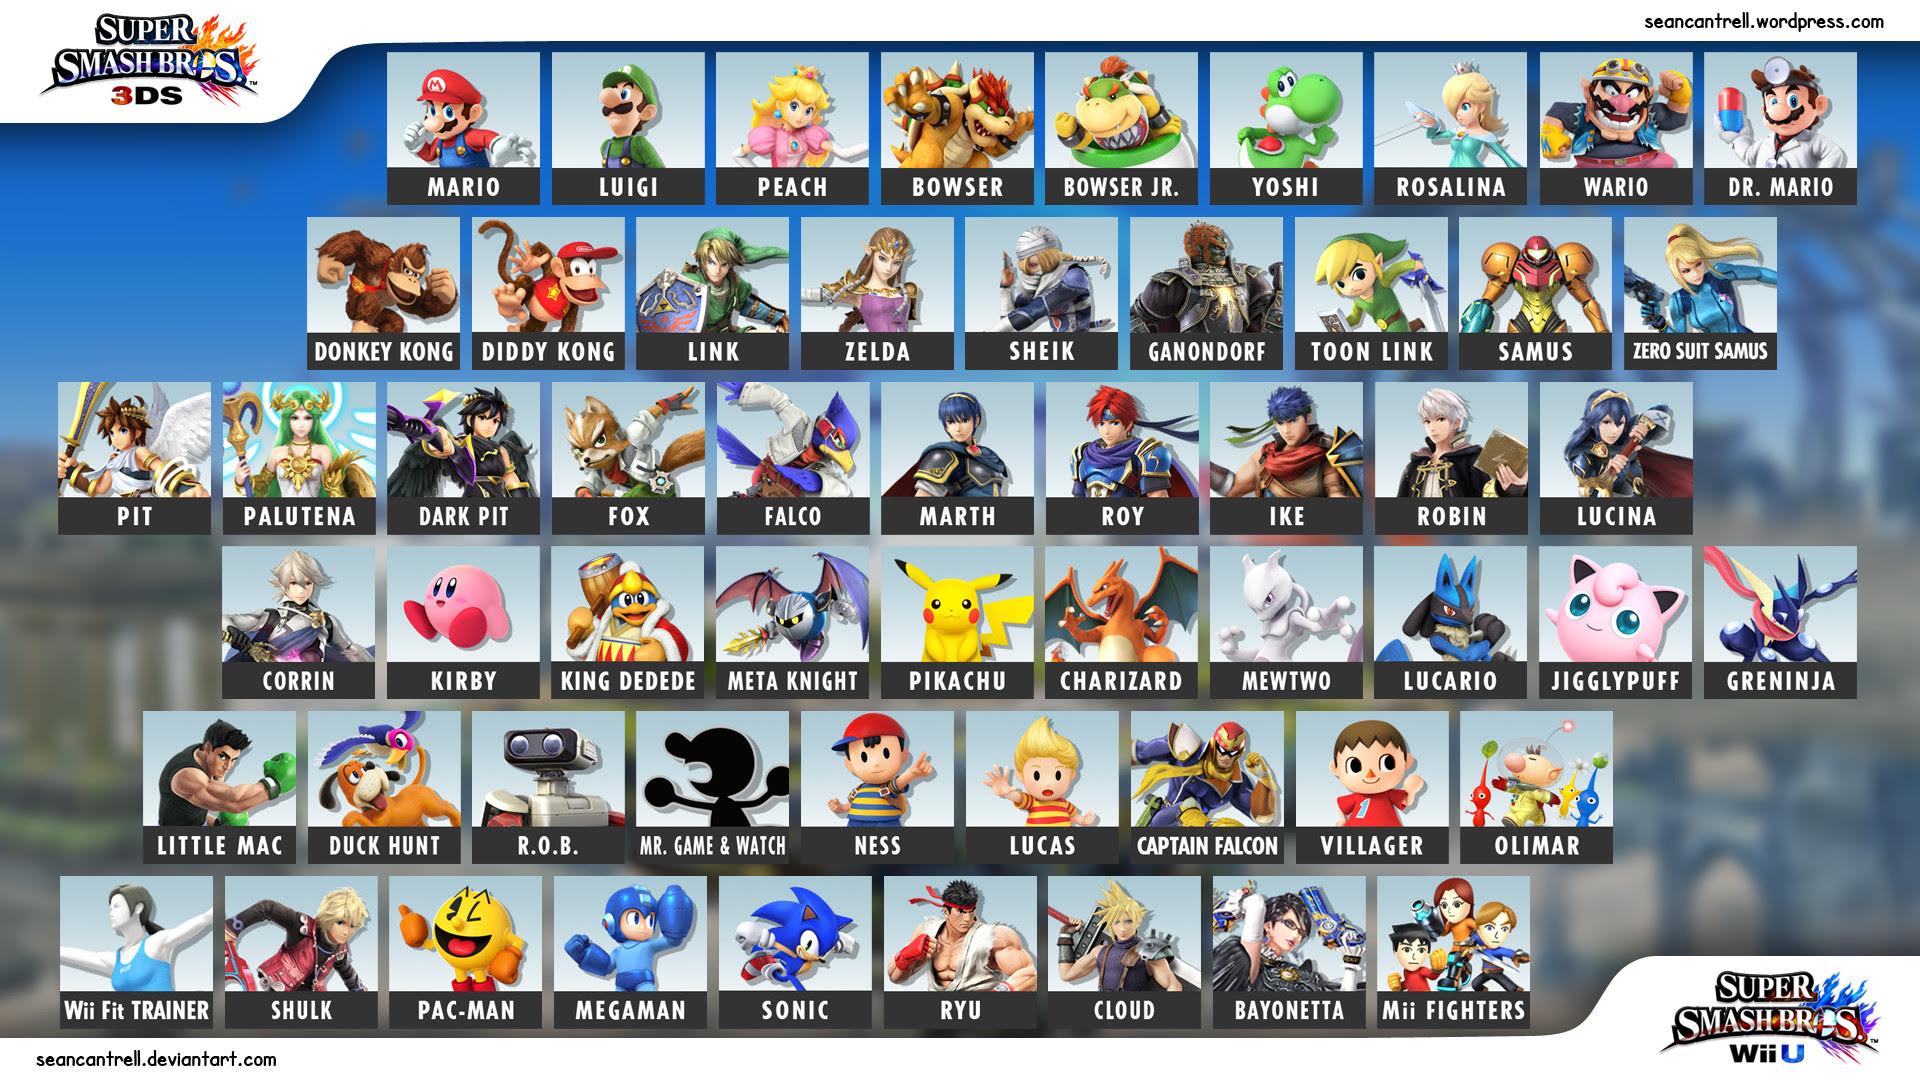 Bayonetta Smash Bros Wallpaper 87 Images